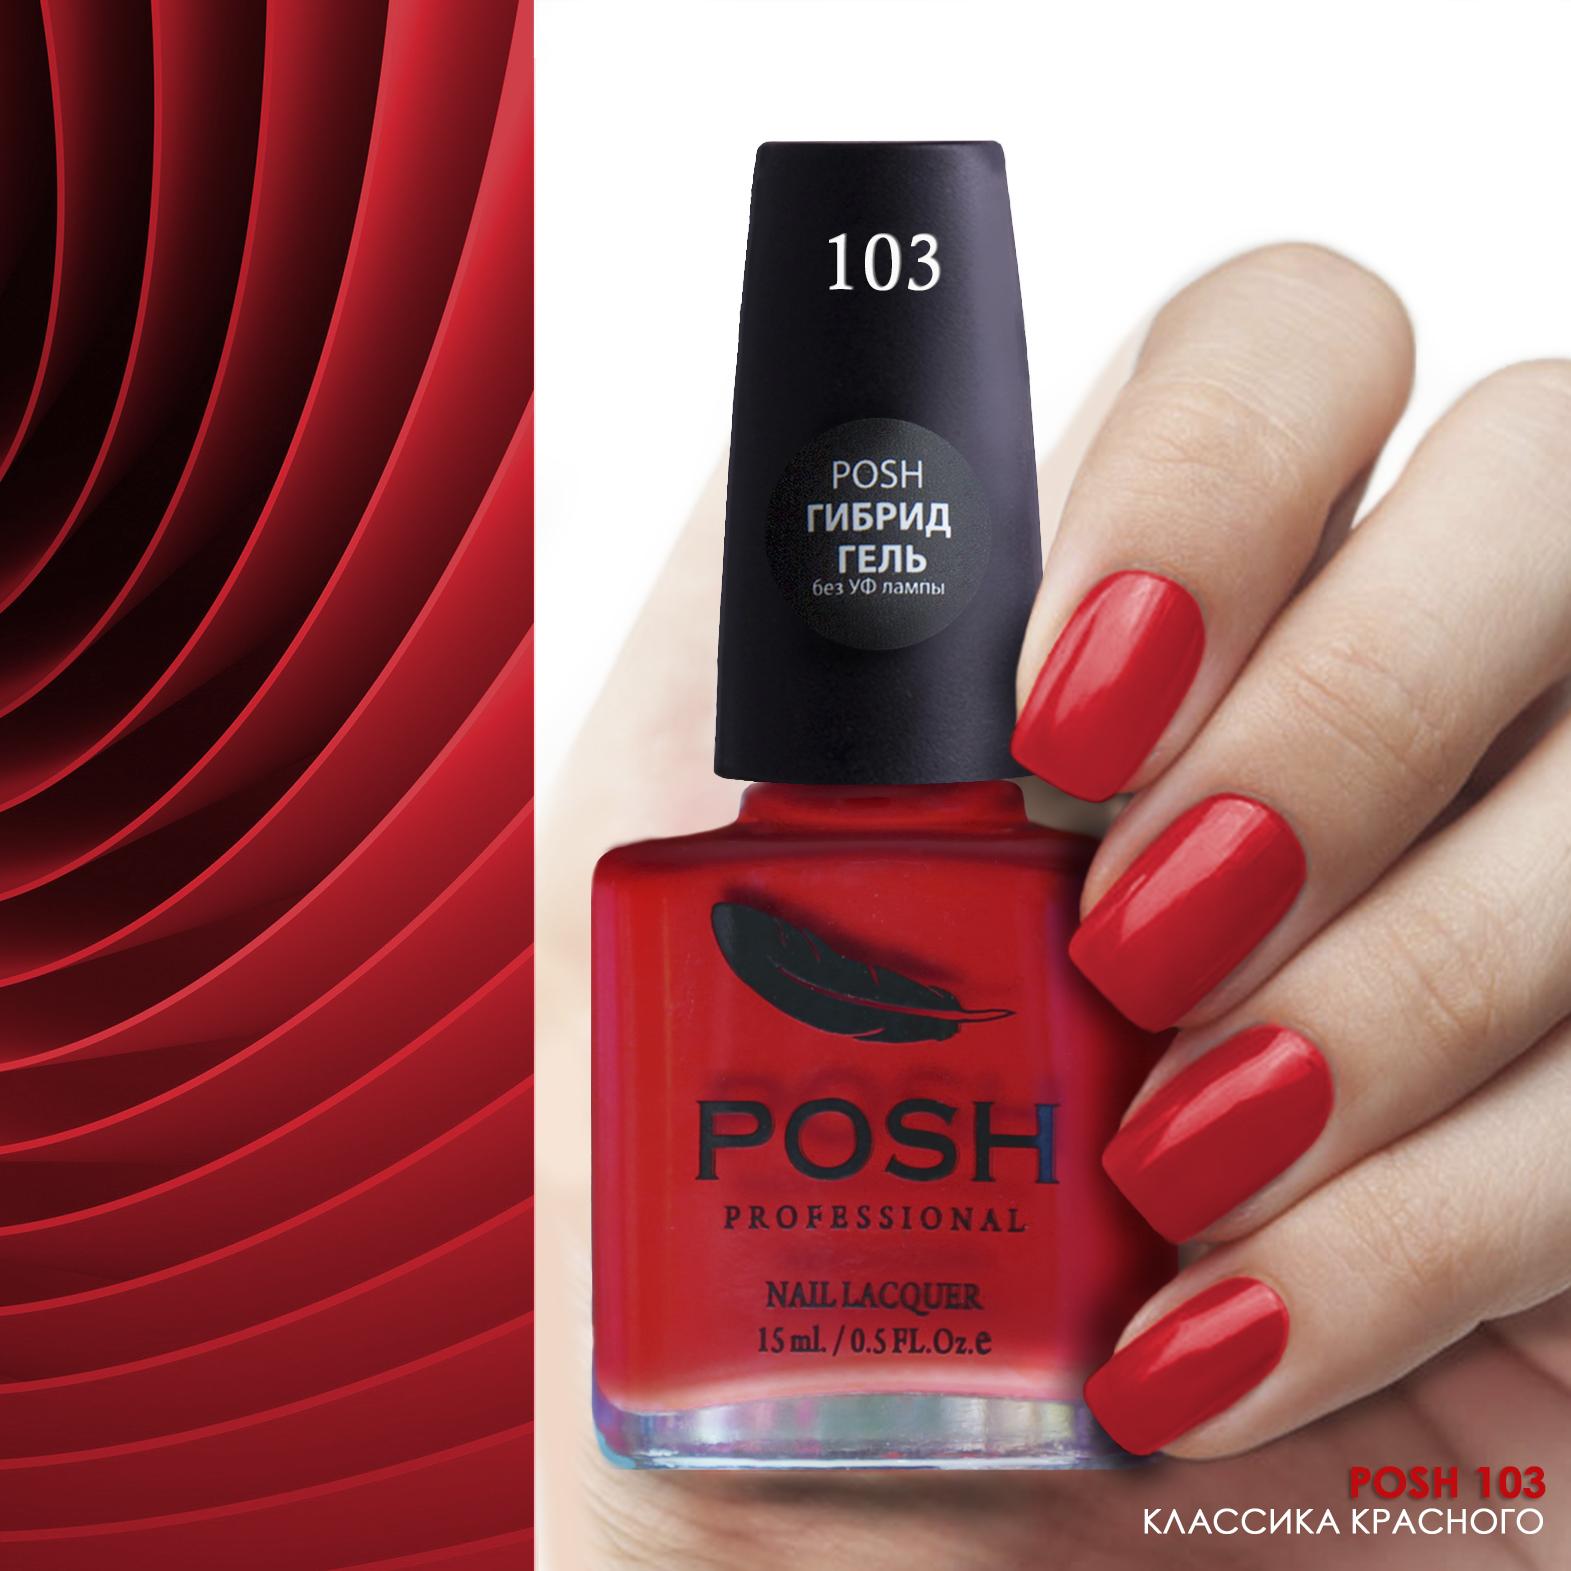 Купить POSH 103 лак для ногтей Классика красного 15 мл, Красные